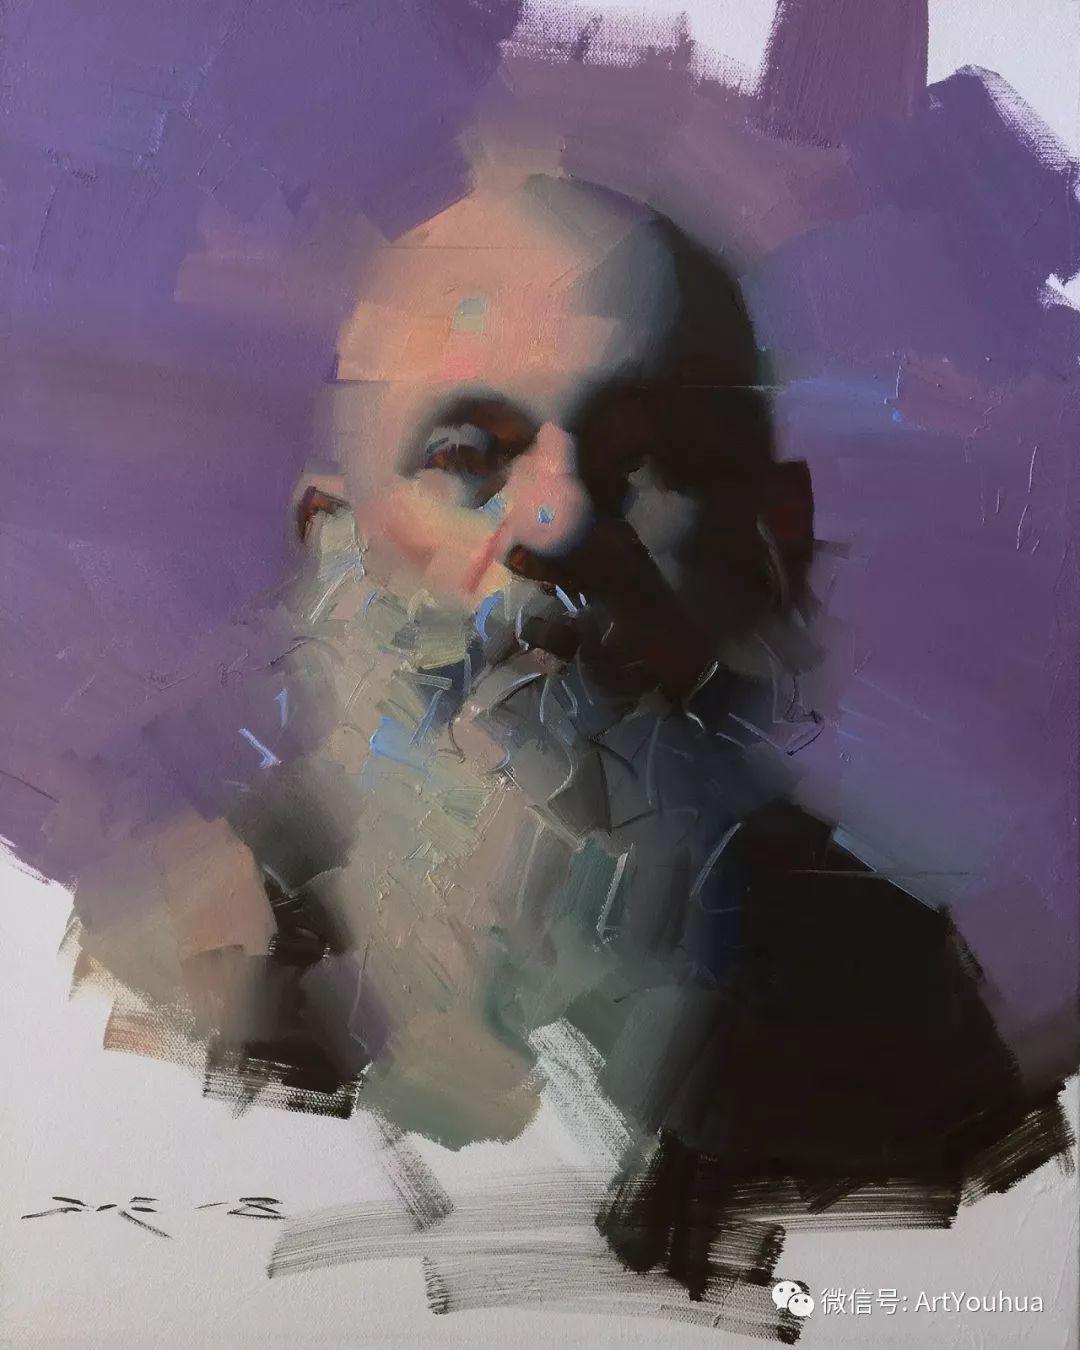 他的人物肖像绘画独具一格 还是位80后画家插图59